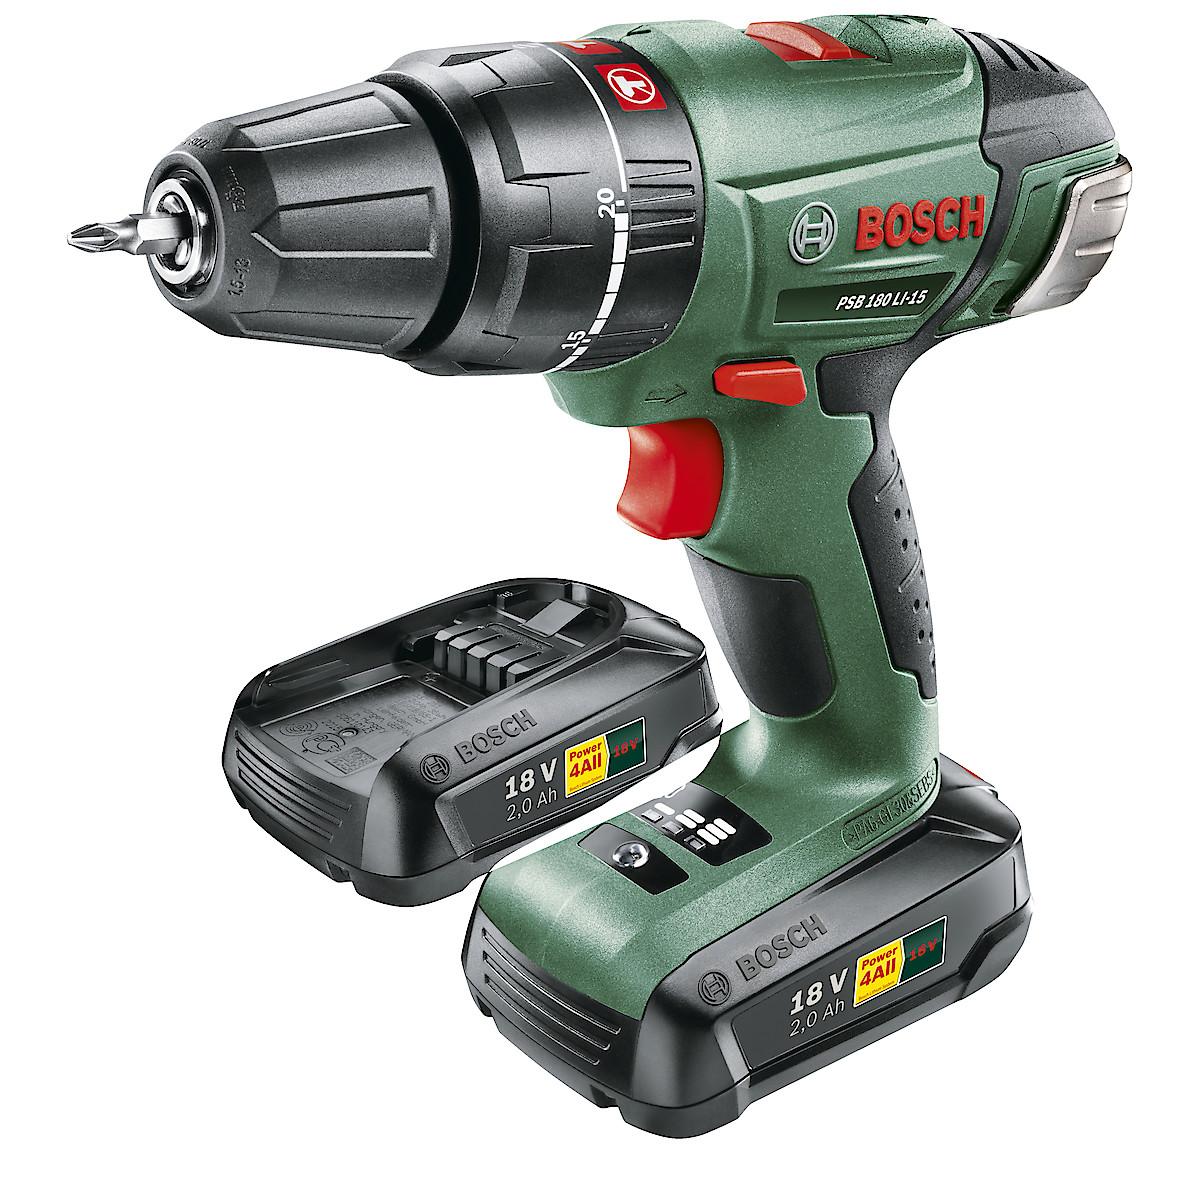 Bosch PSB 180 LI-15 drill